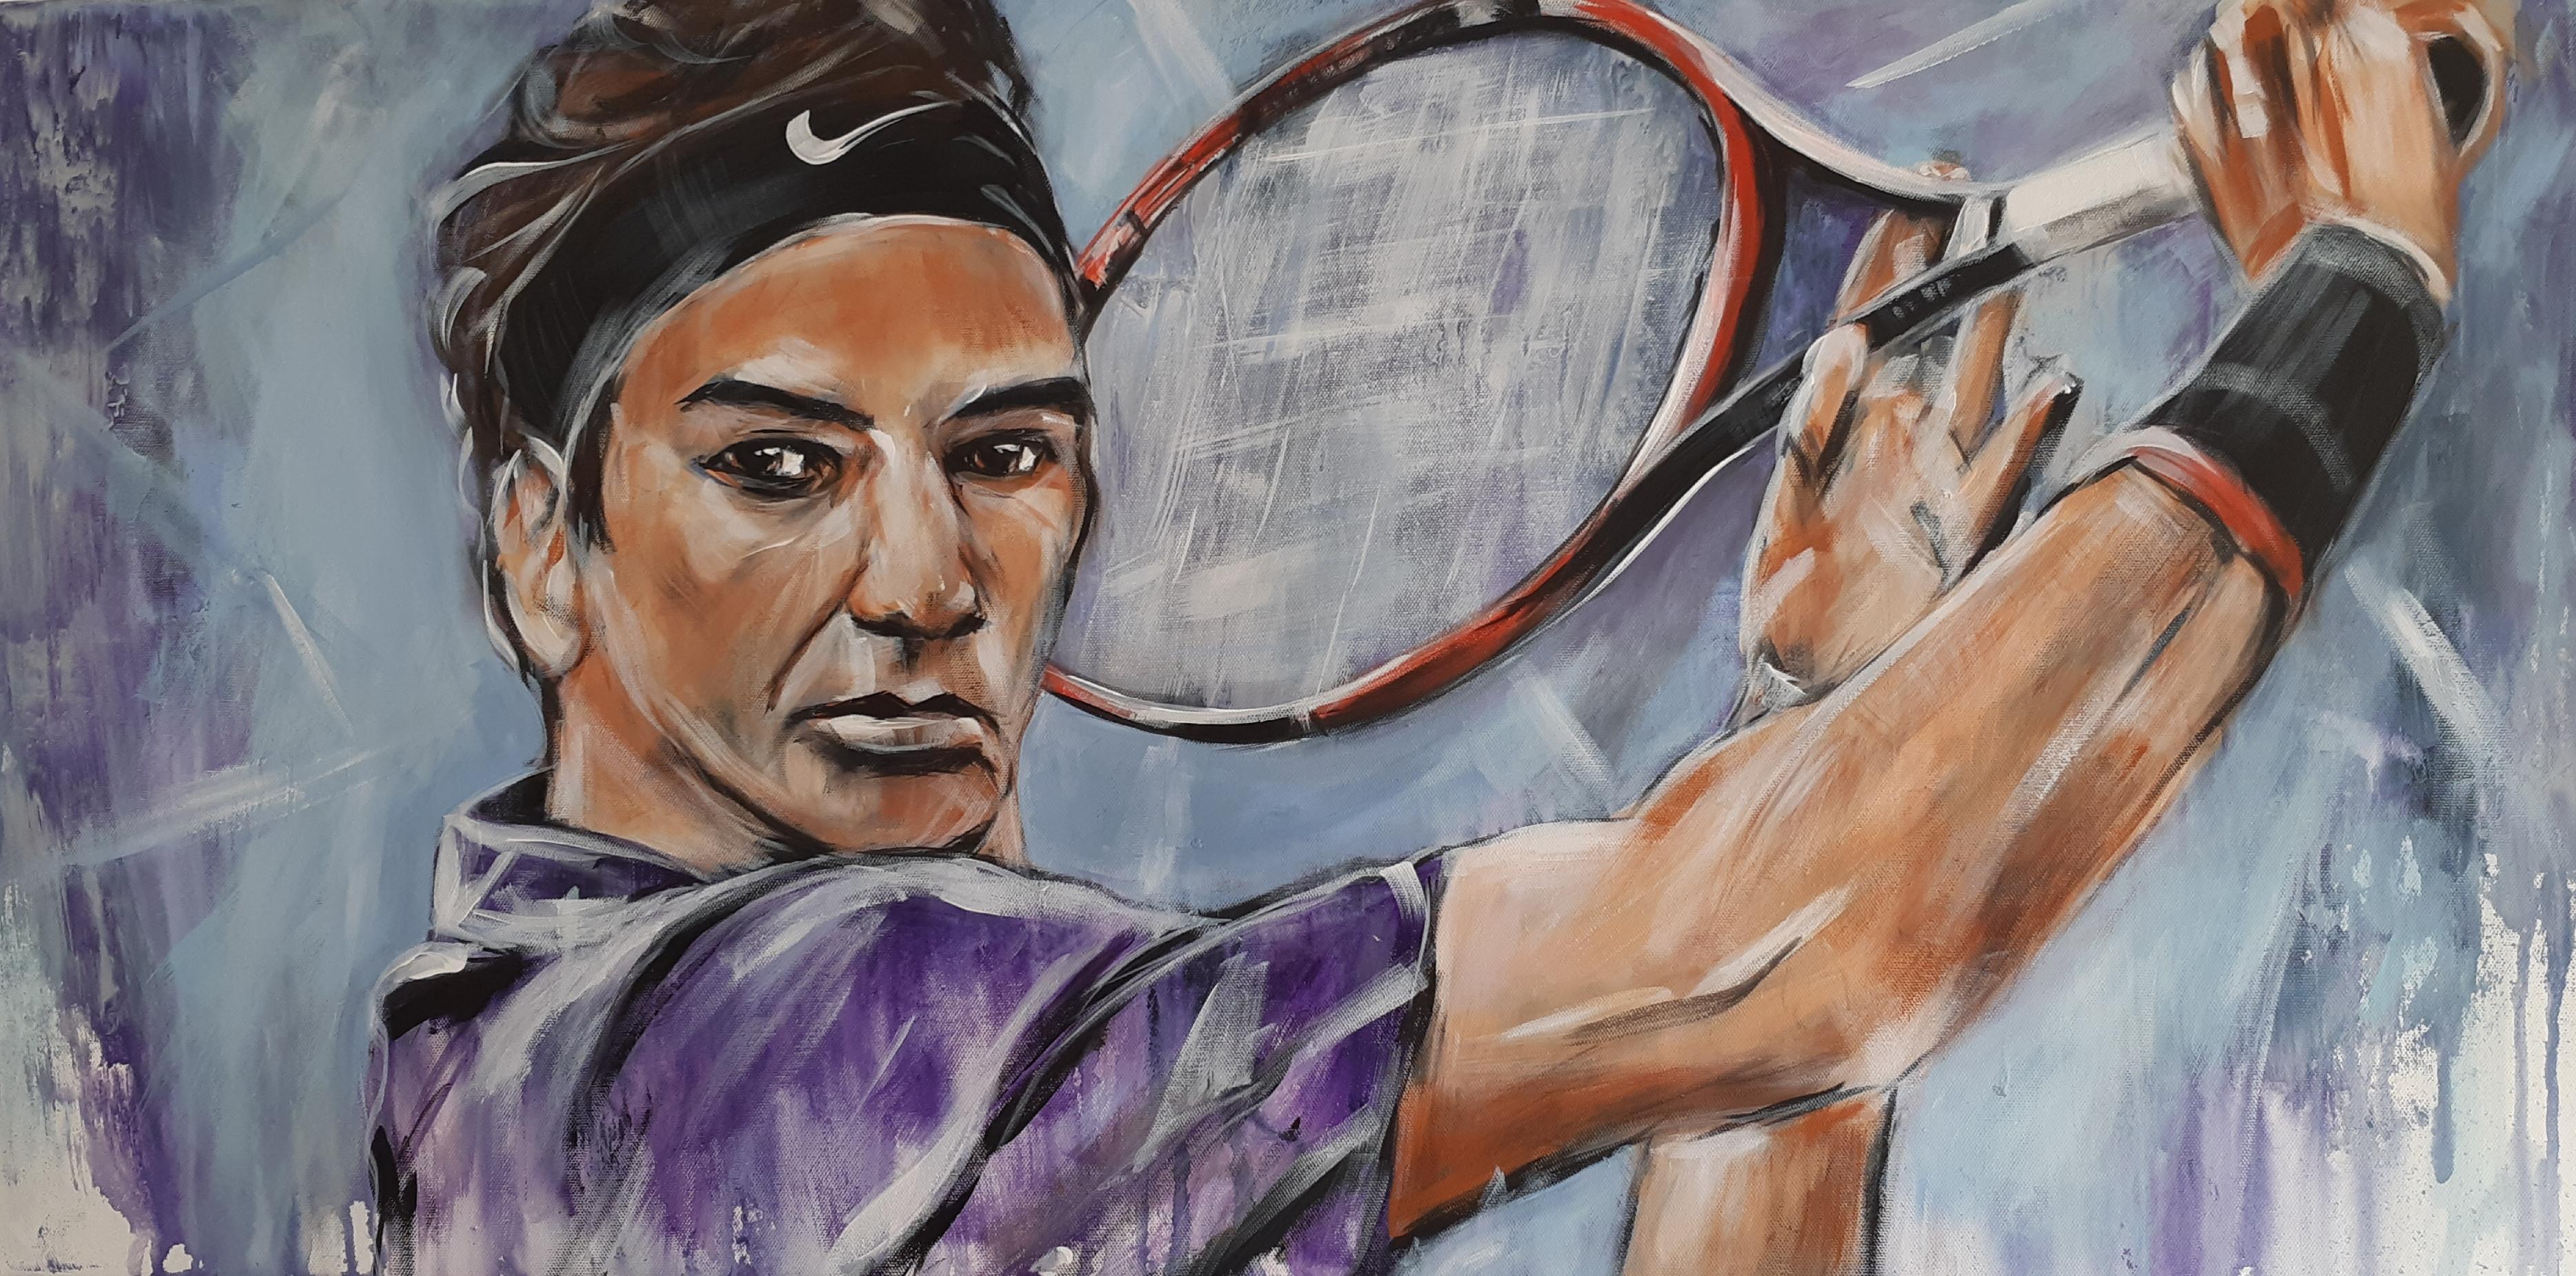 RF, Roger Federer